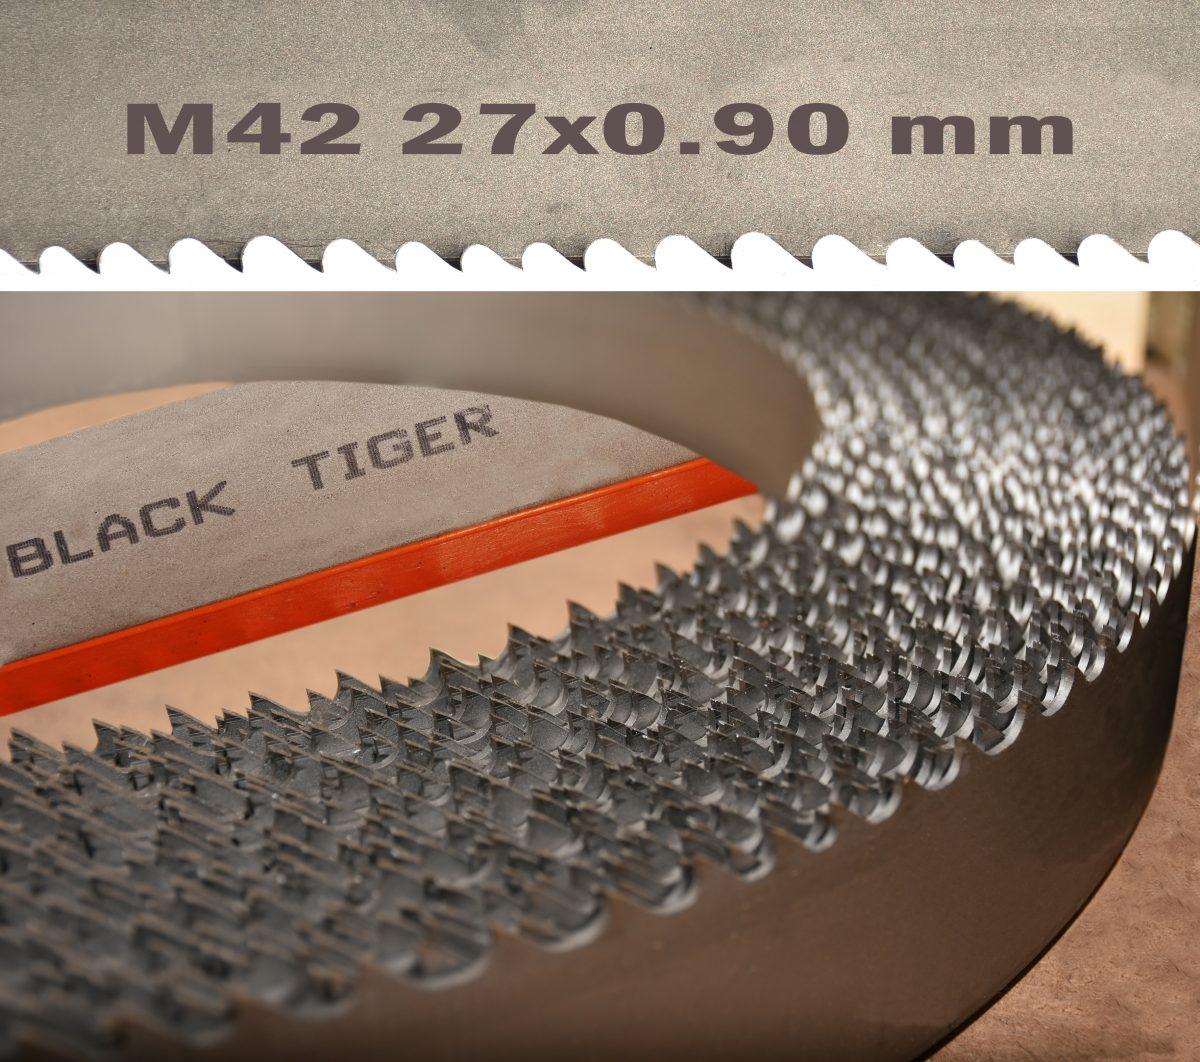 BLACK TIGER Bi Metal Probeam M42 27x09